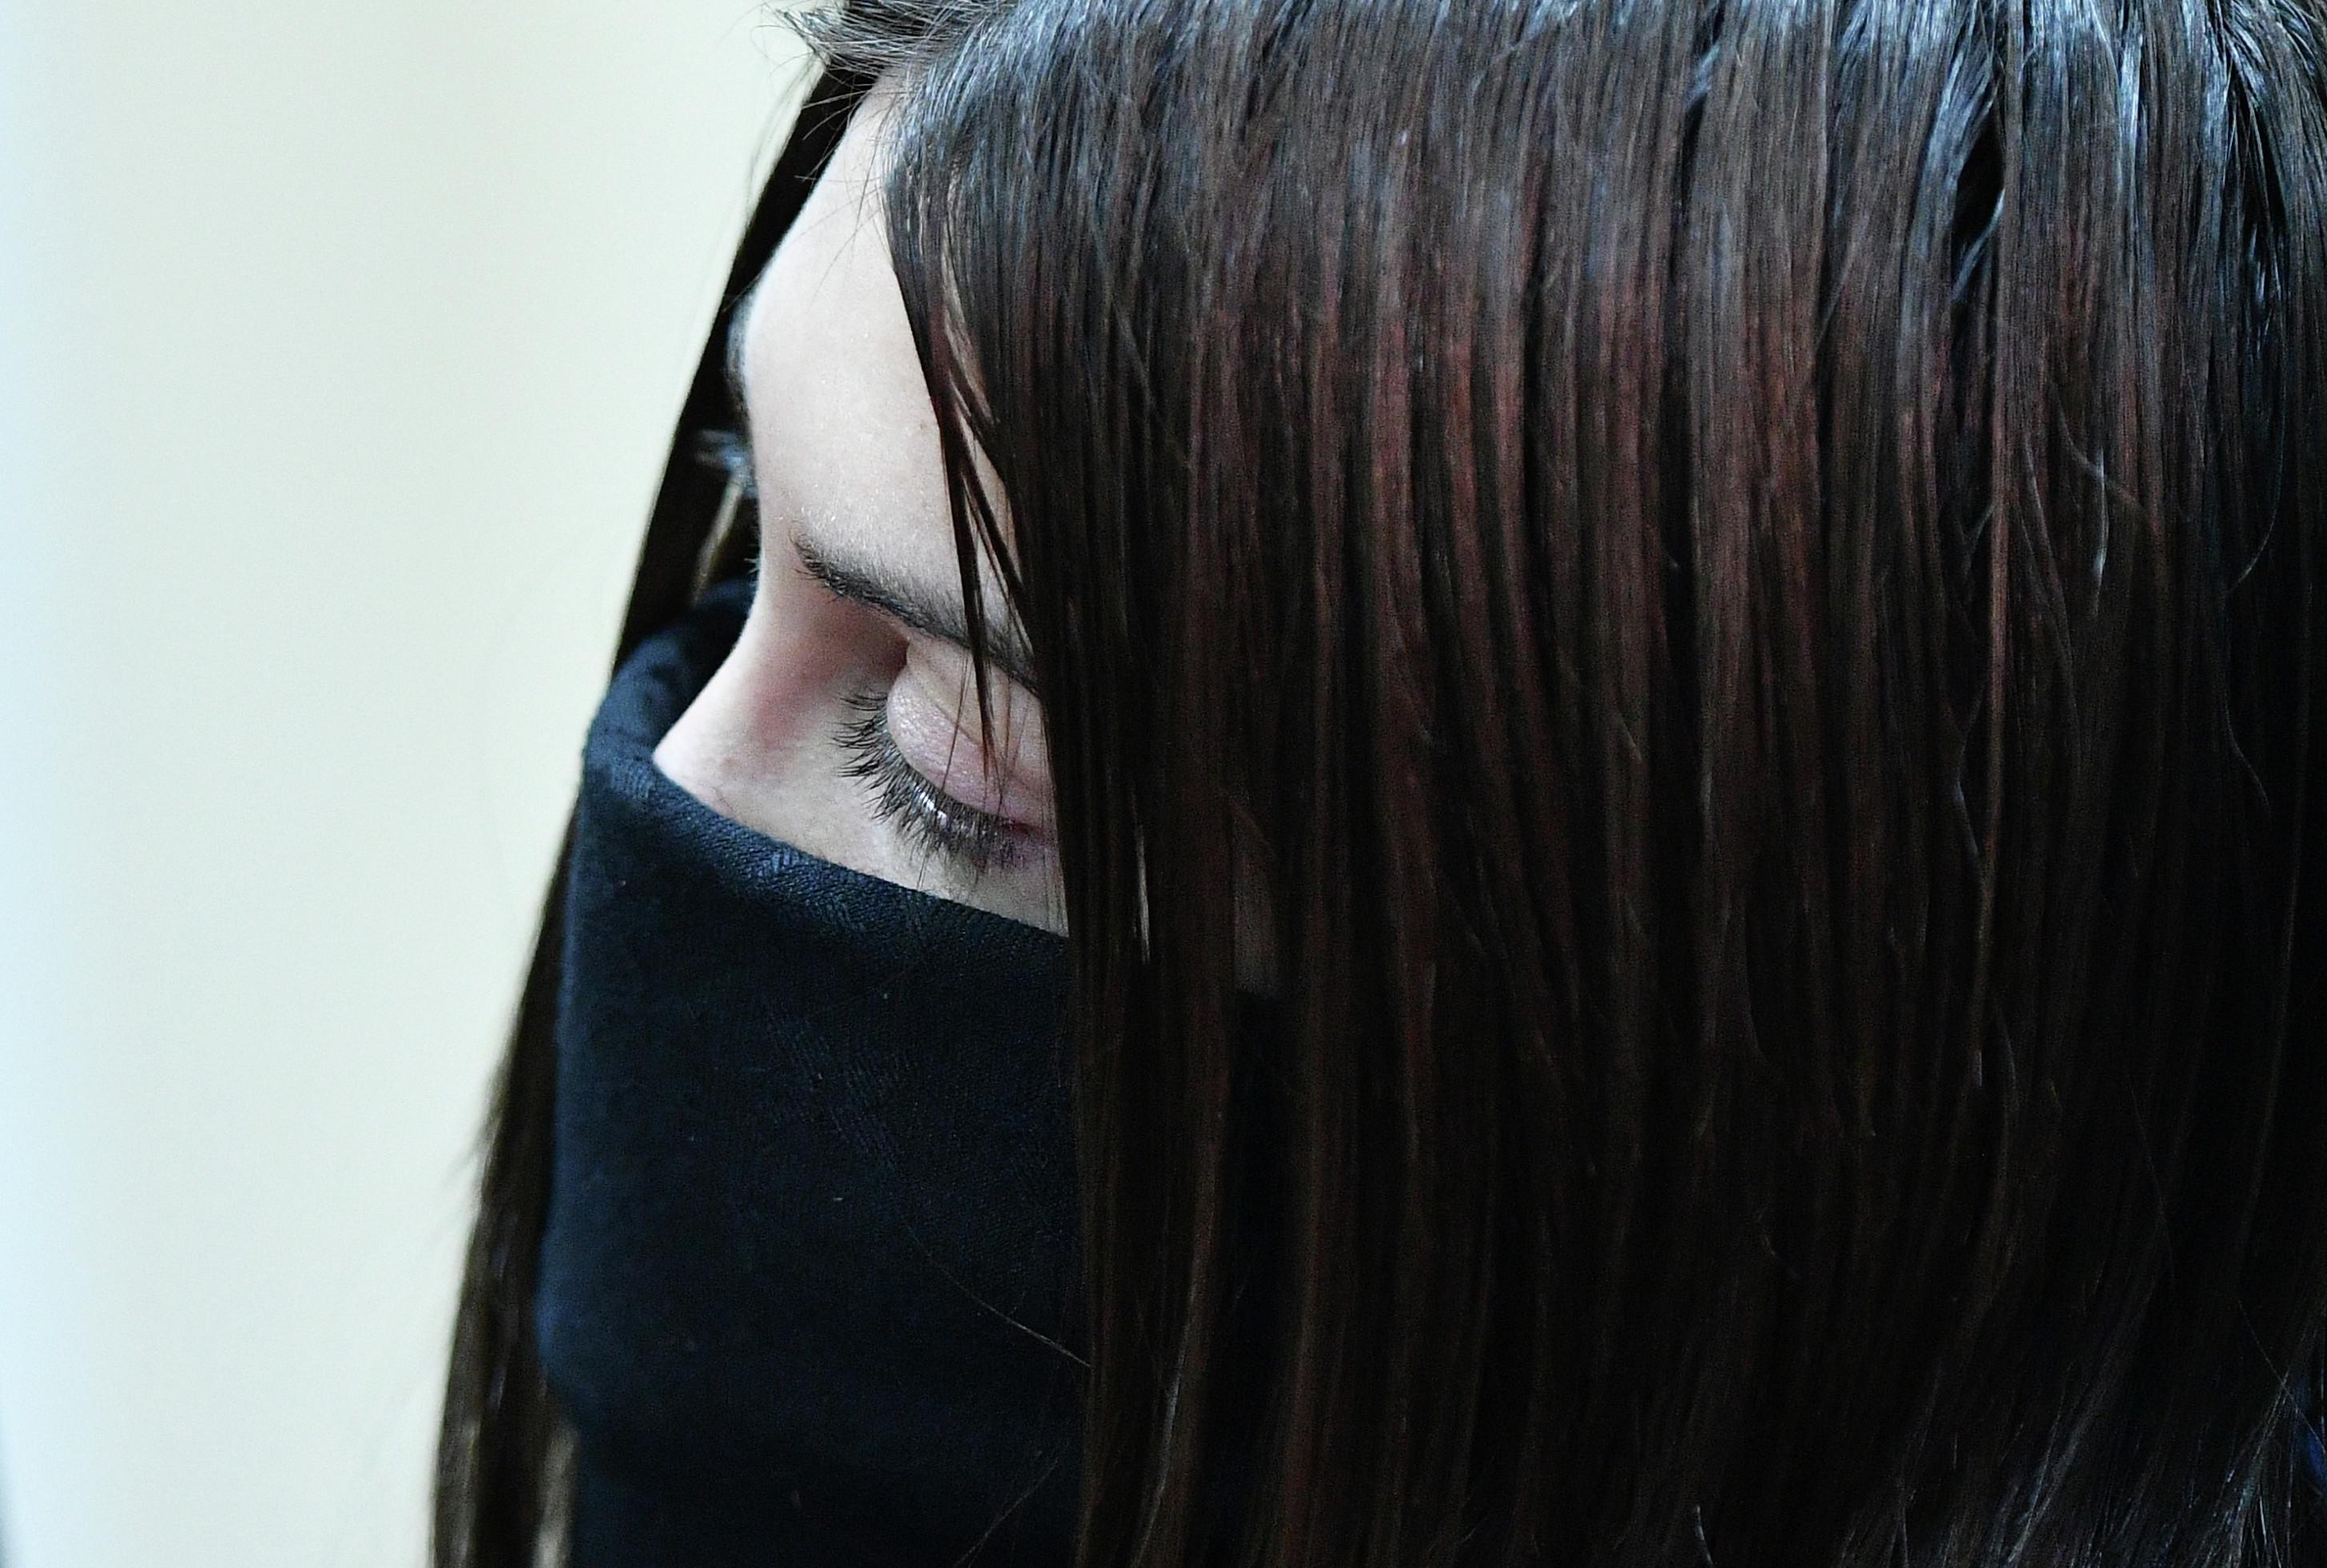 <p><span>Мара Багдасарян. Фото: &copy;РИА Новости/</span>Владимир Песня</p>